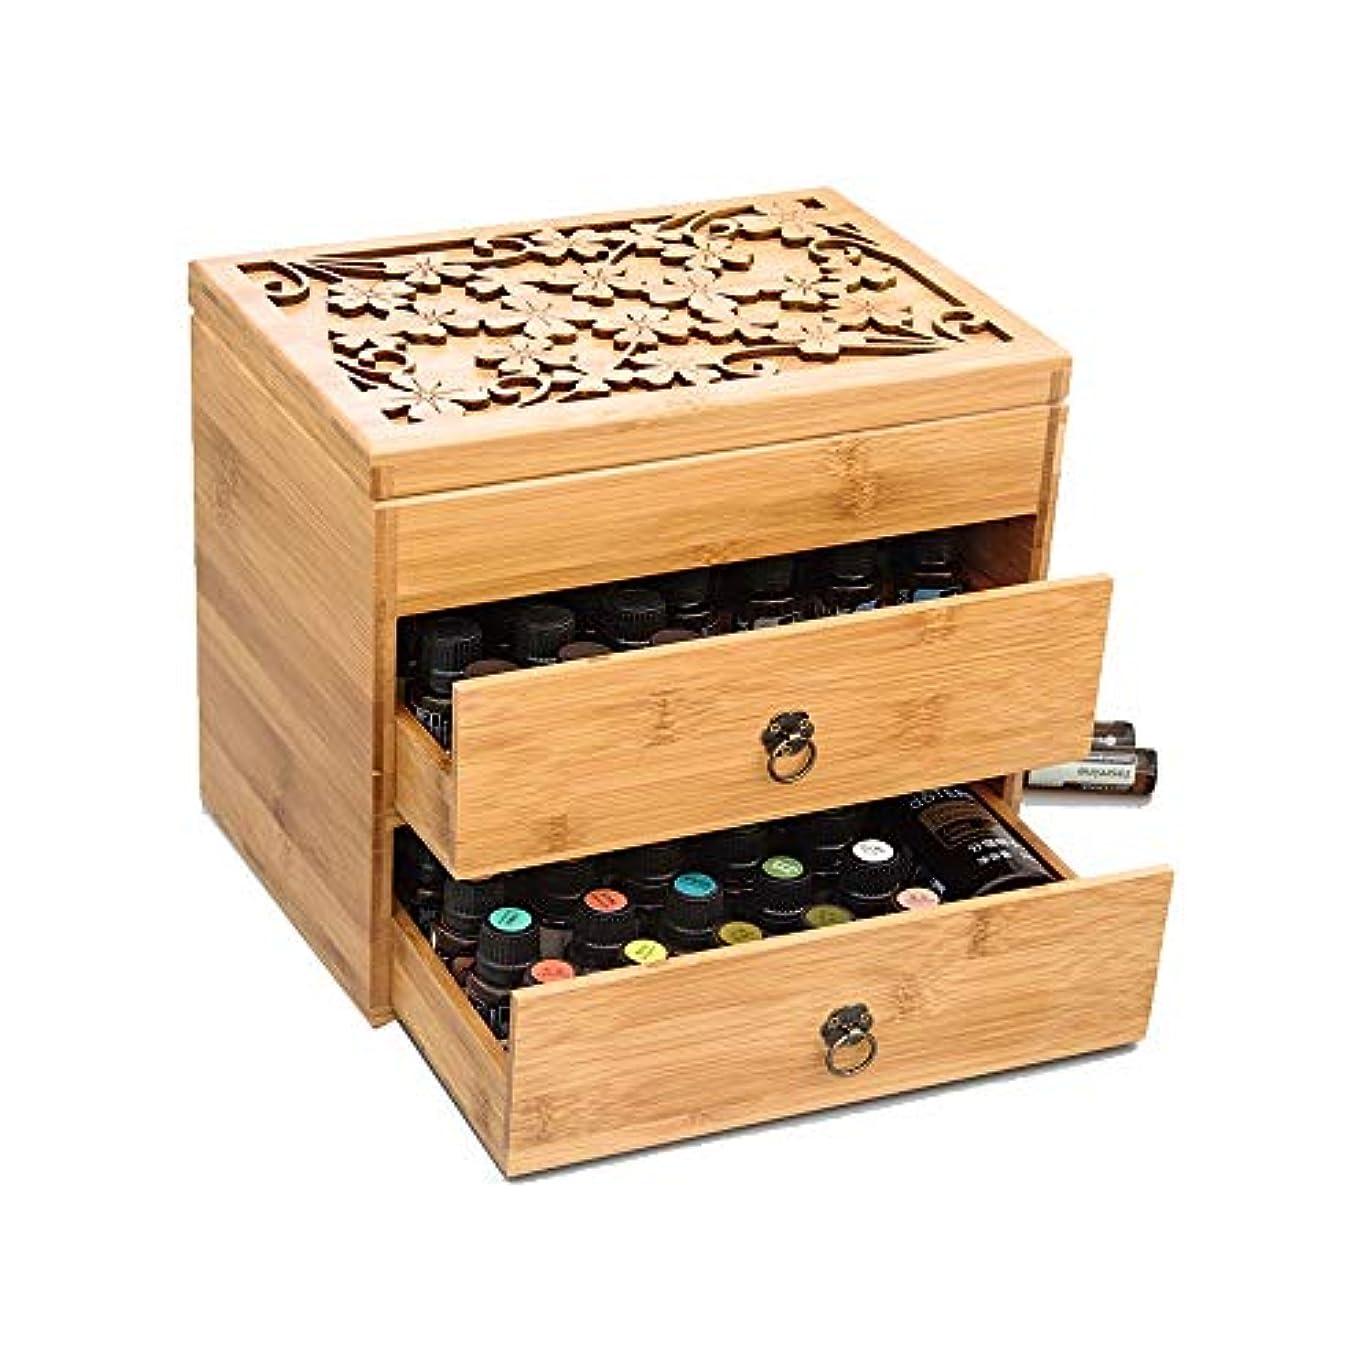 特異性器用データムエッセンシャルオイルストレージボックス 3ティアエッセンシャルオイルボックスケースは、エレガントな装飾的なデザインでは5、10&15ミリリットルボトル木製収納を保護します 旅行およびプレゼンテーション用 (色 : Natural...